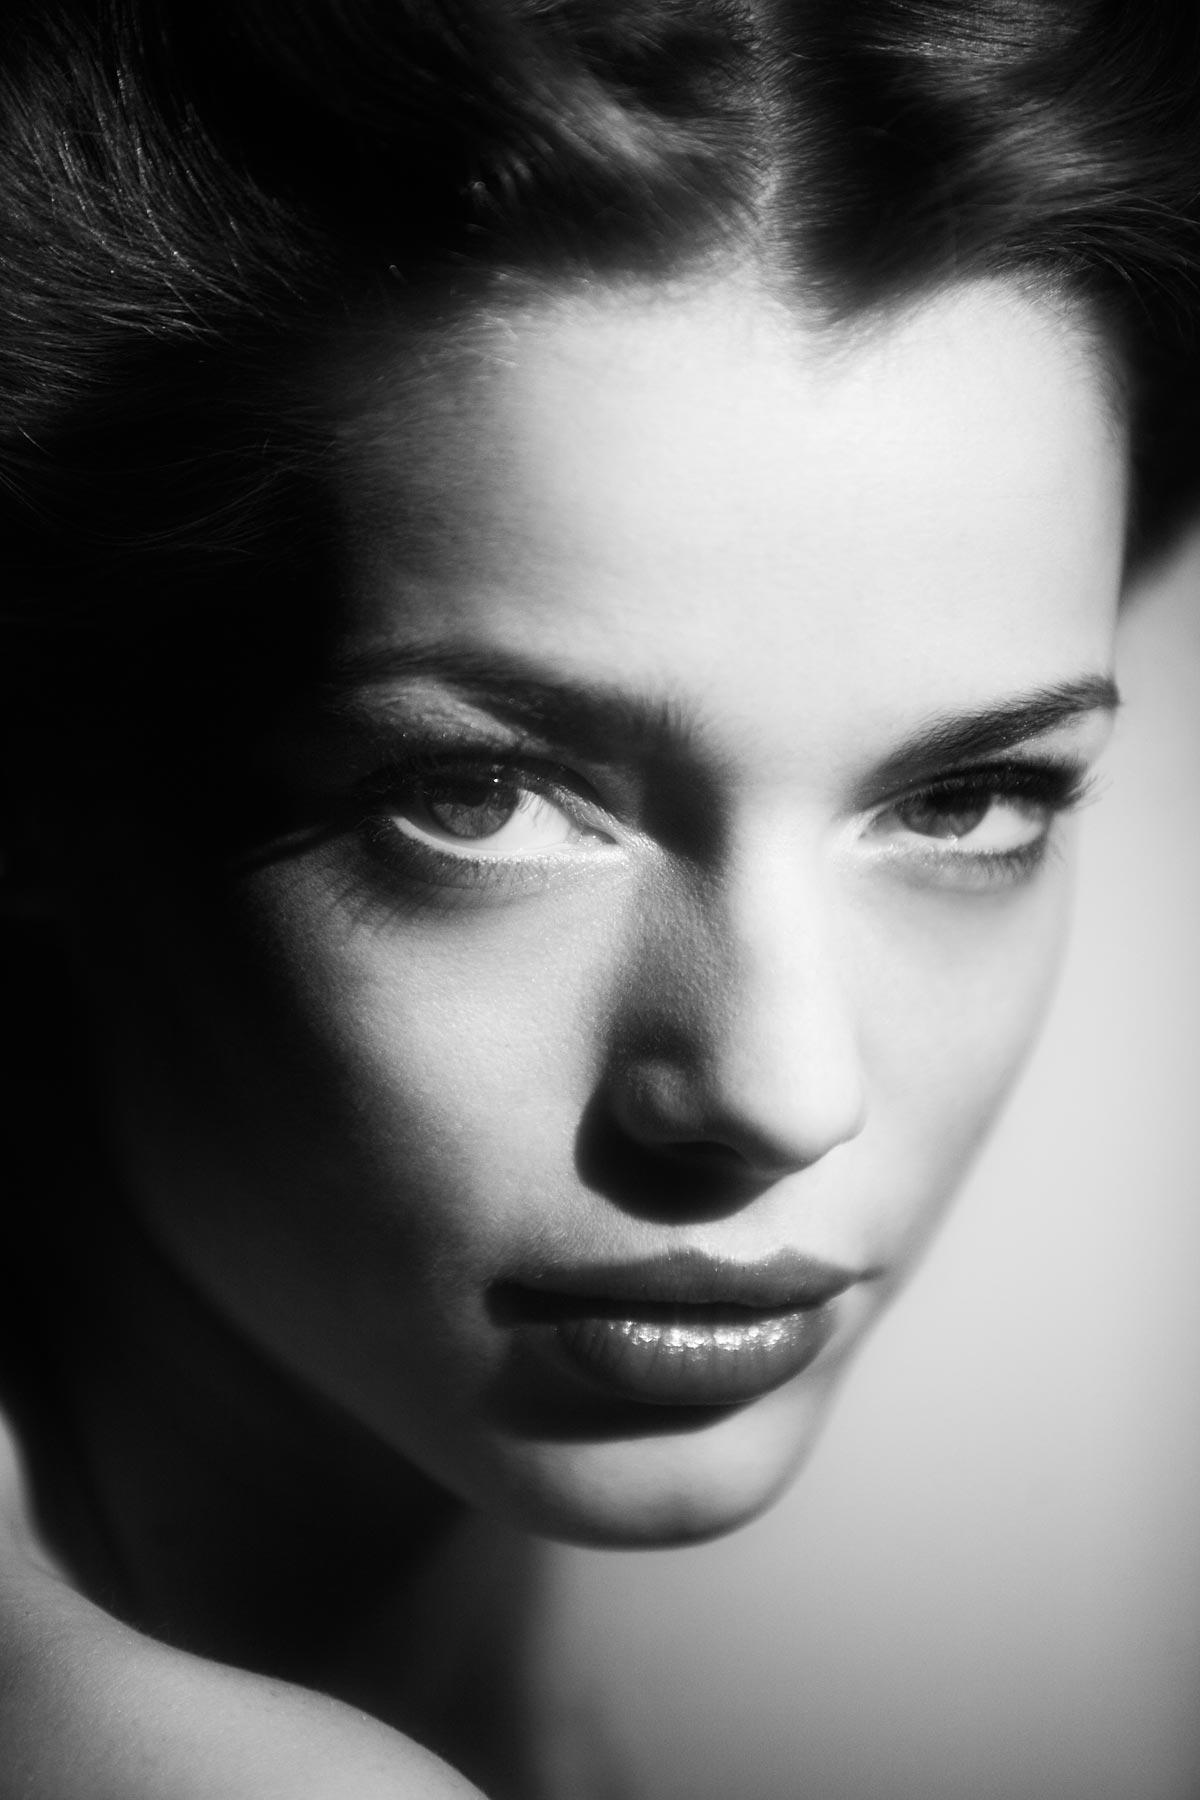 Lora Brisland in the Lovegrove Studio Black and White